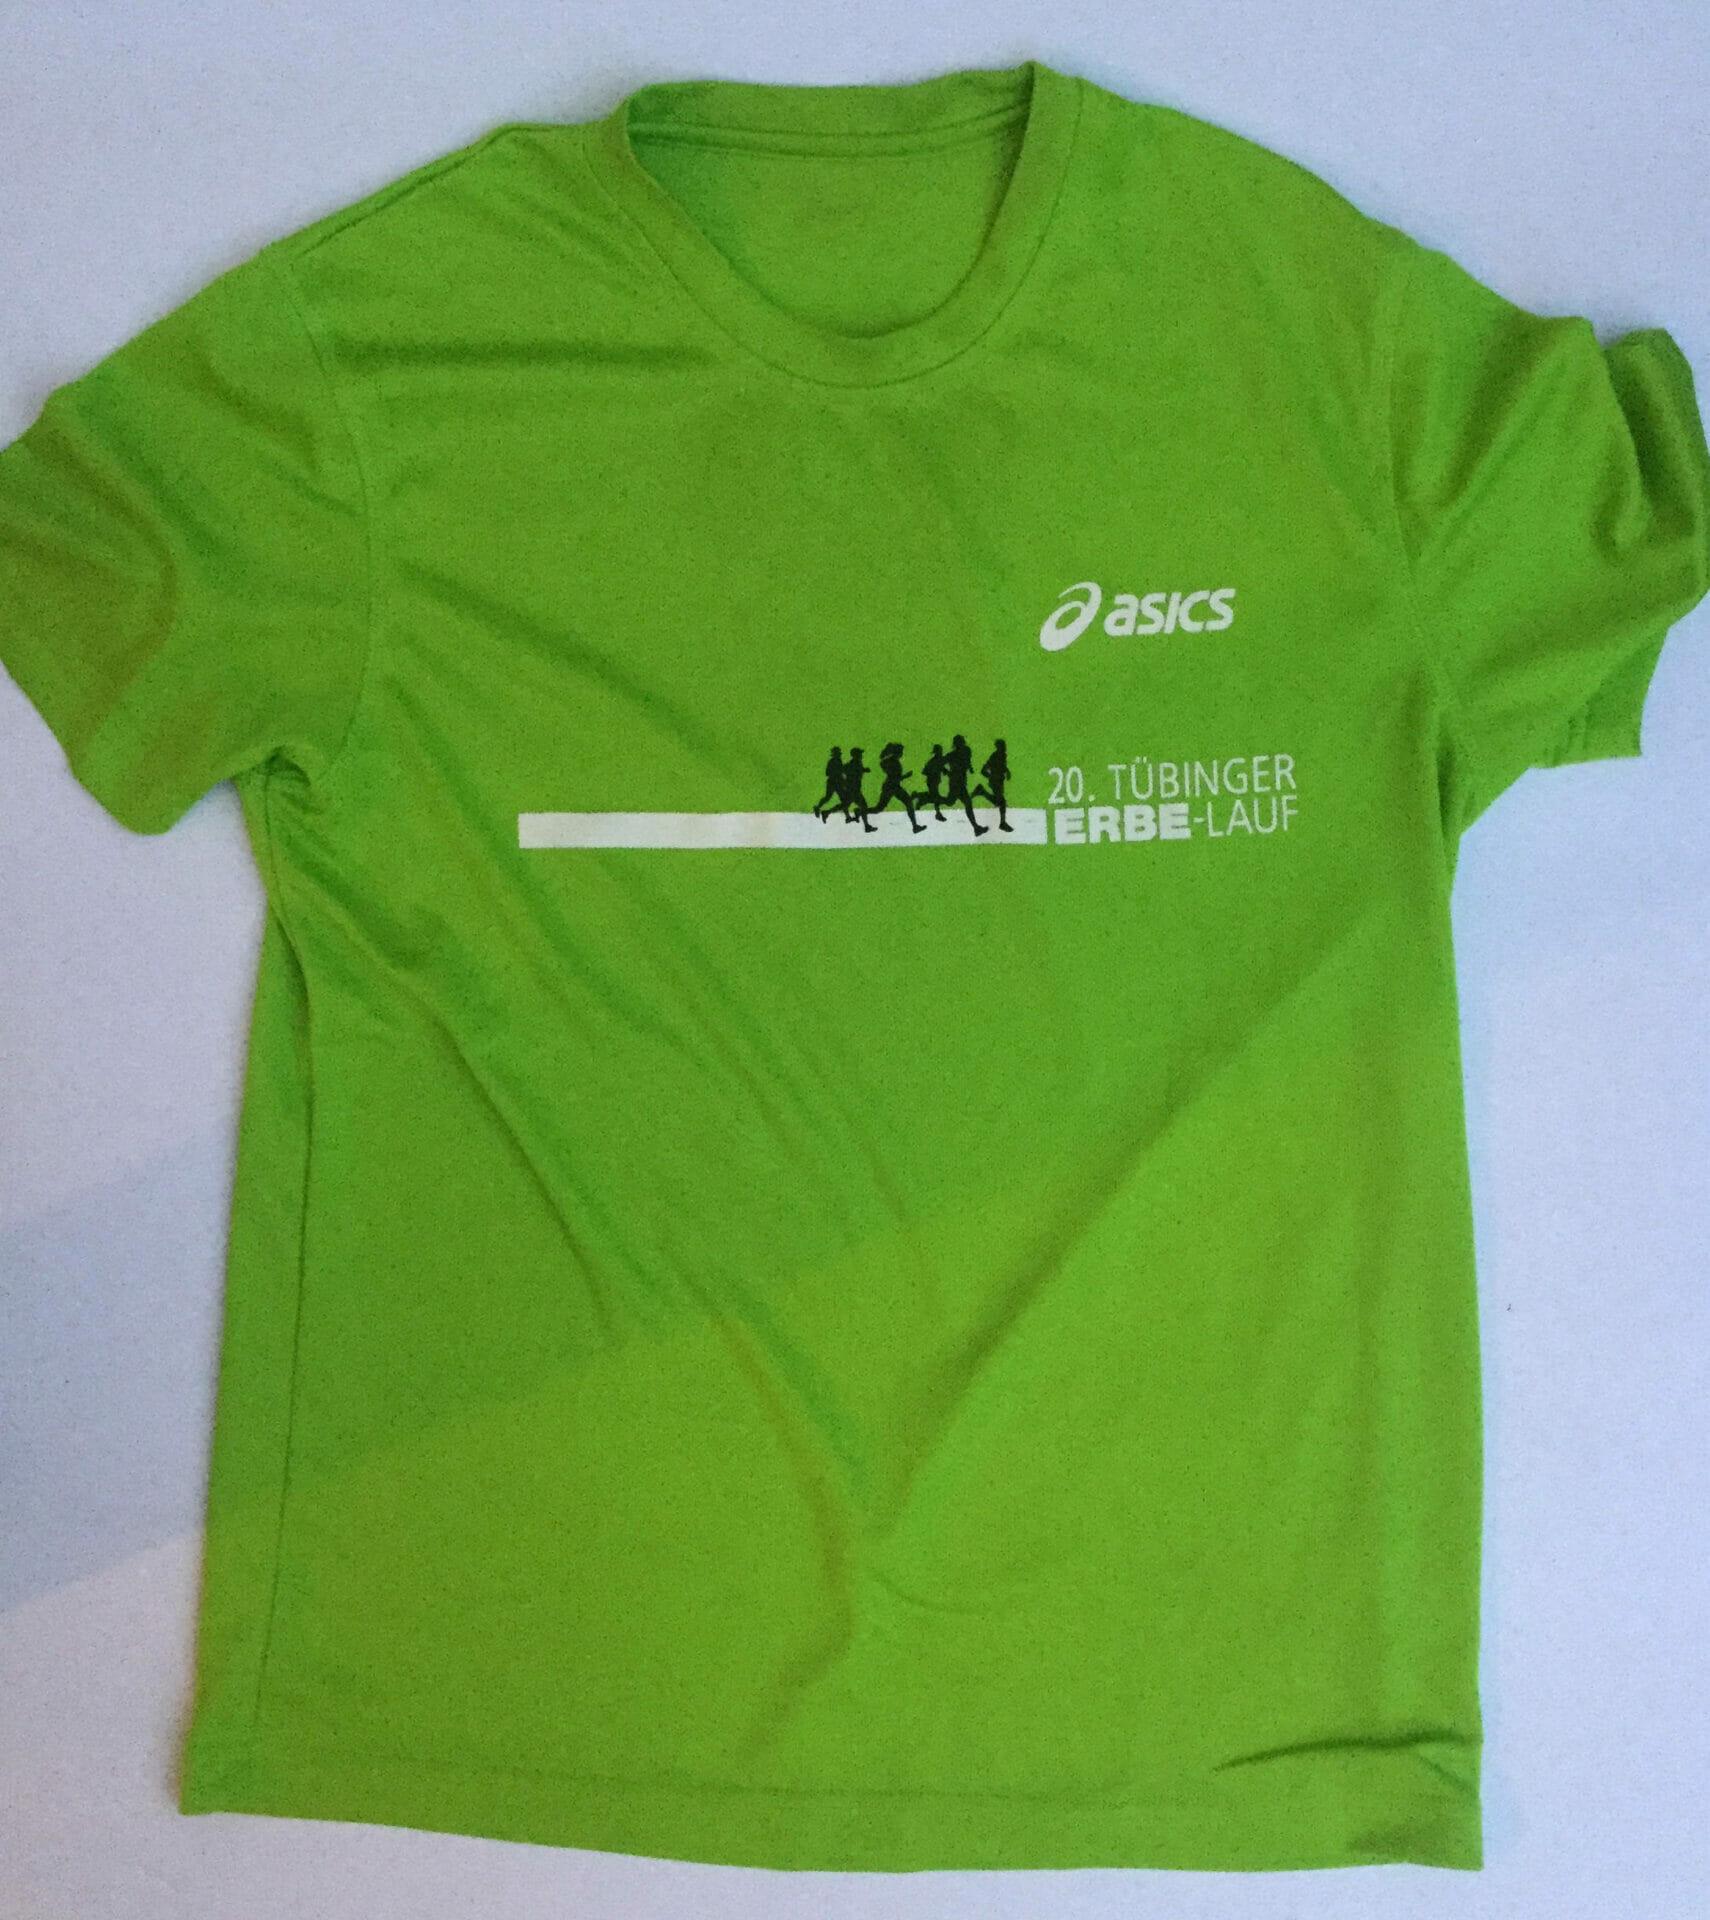 Multifunktions-Shirt, das ich nach dem Stadtlauf in Tübingen bekommen habe.